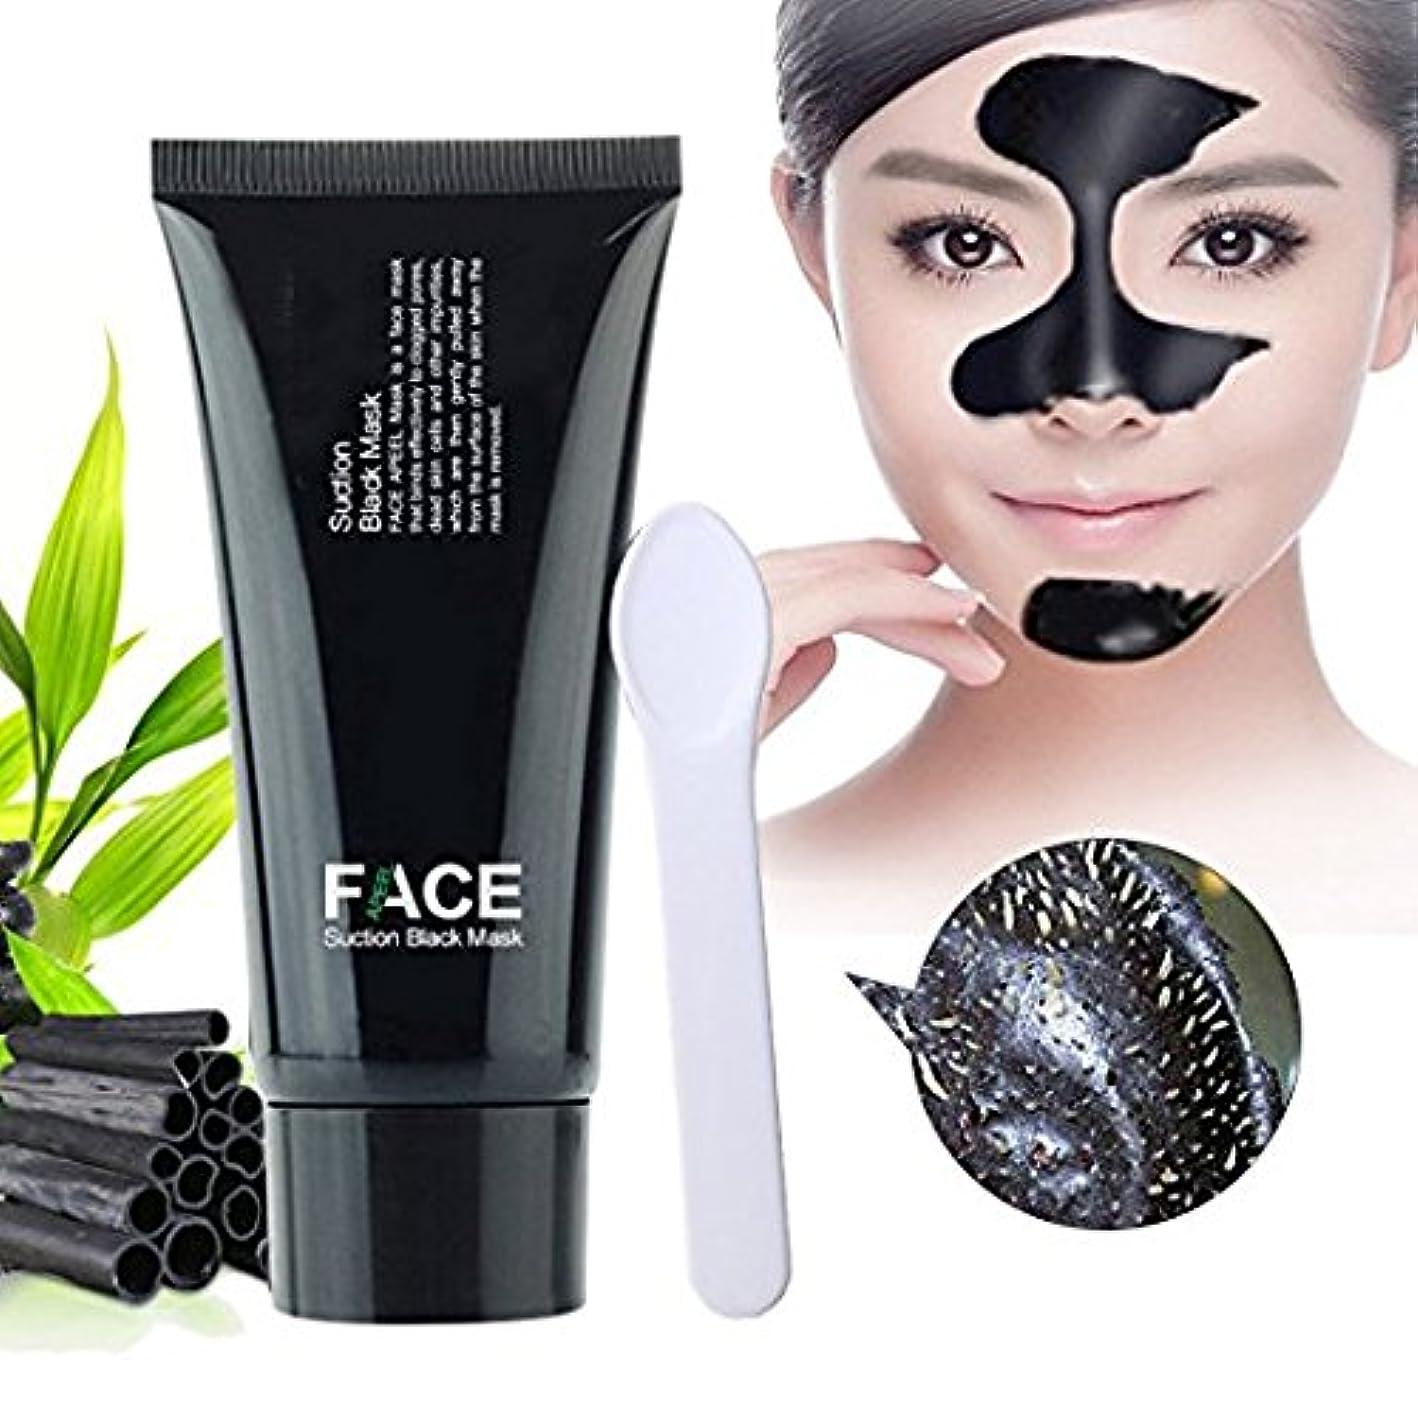 検証フォーラム作詞家Blackhead Remover Mask, FaceApeel-Peel Off Black Head Acne Treatments,Face Cleaning Mask+Spoon